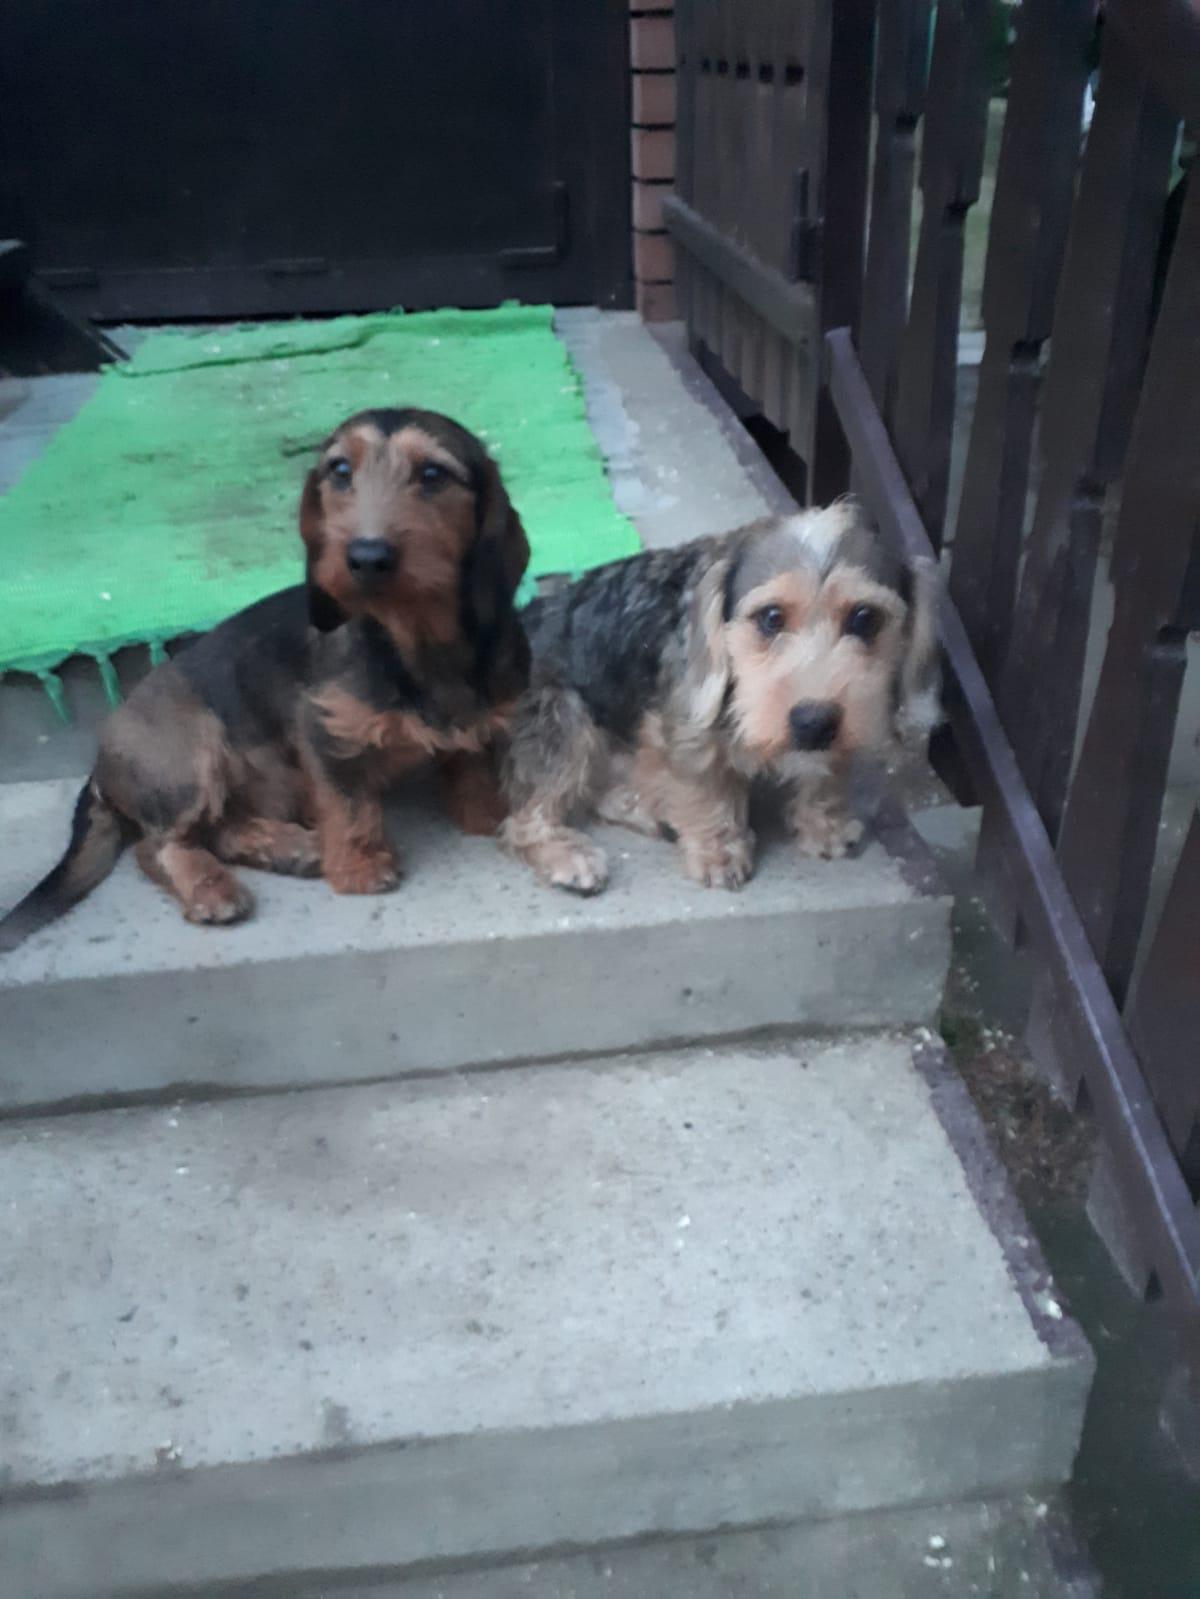 Simonék félrebeszélnek (74.) Pince foglyai a két kis kutya